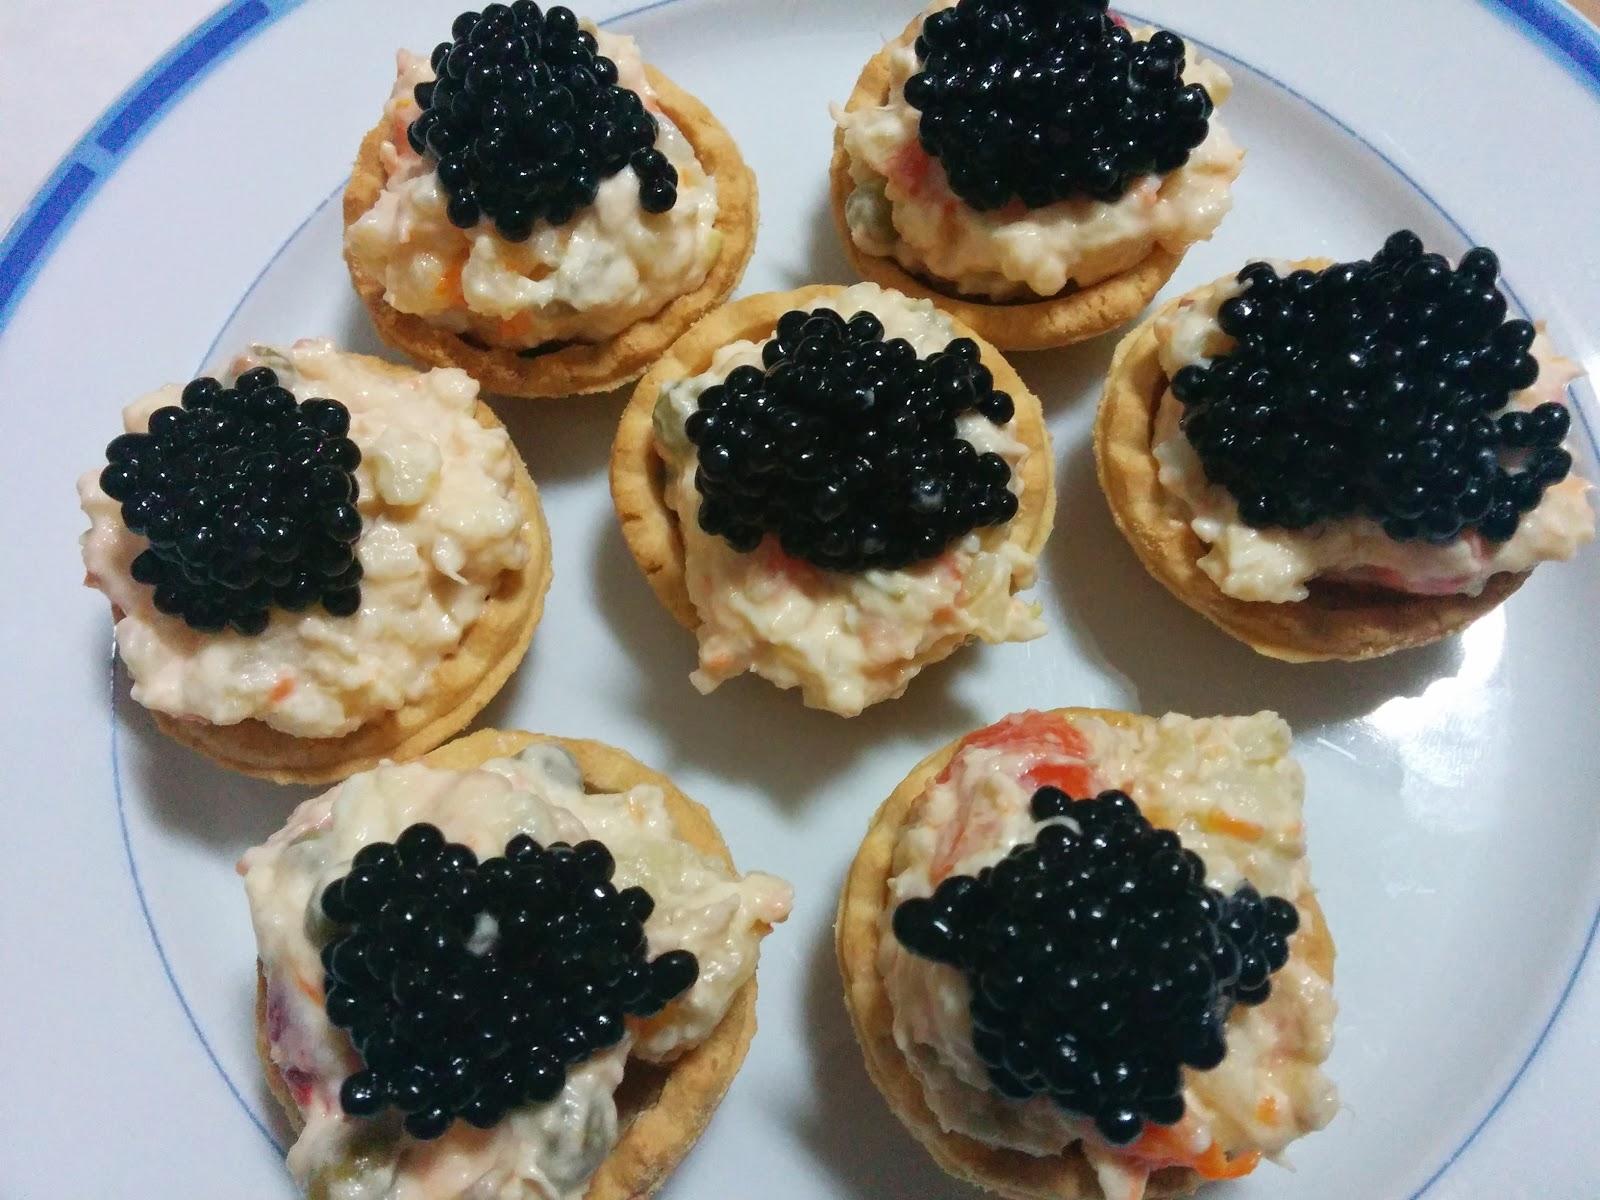 Lalocura de kocinar canap s de ensaladilla rusa for Canape de caviar